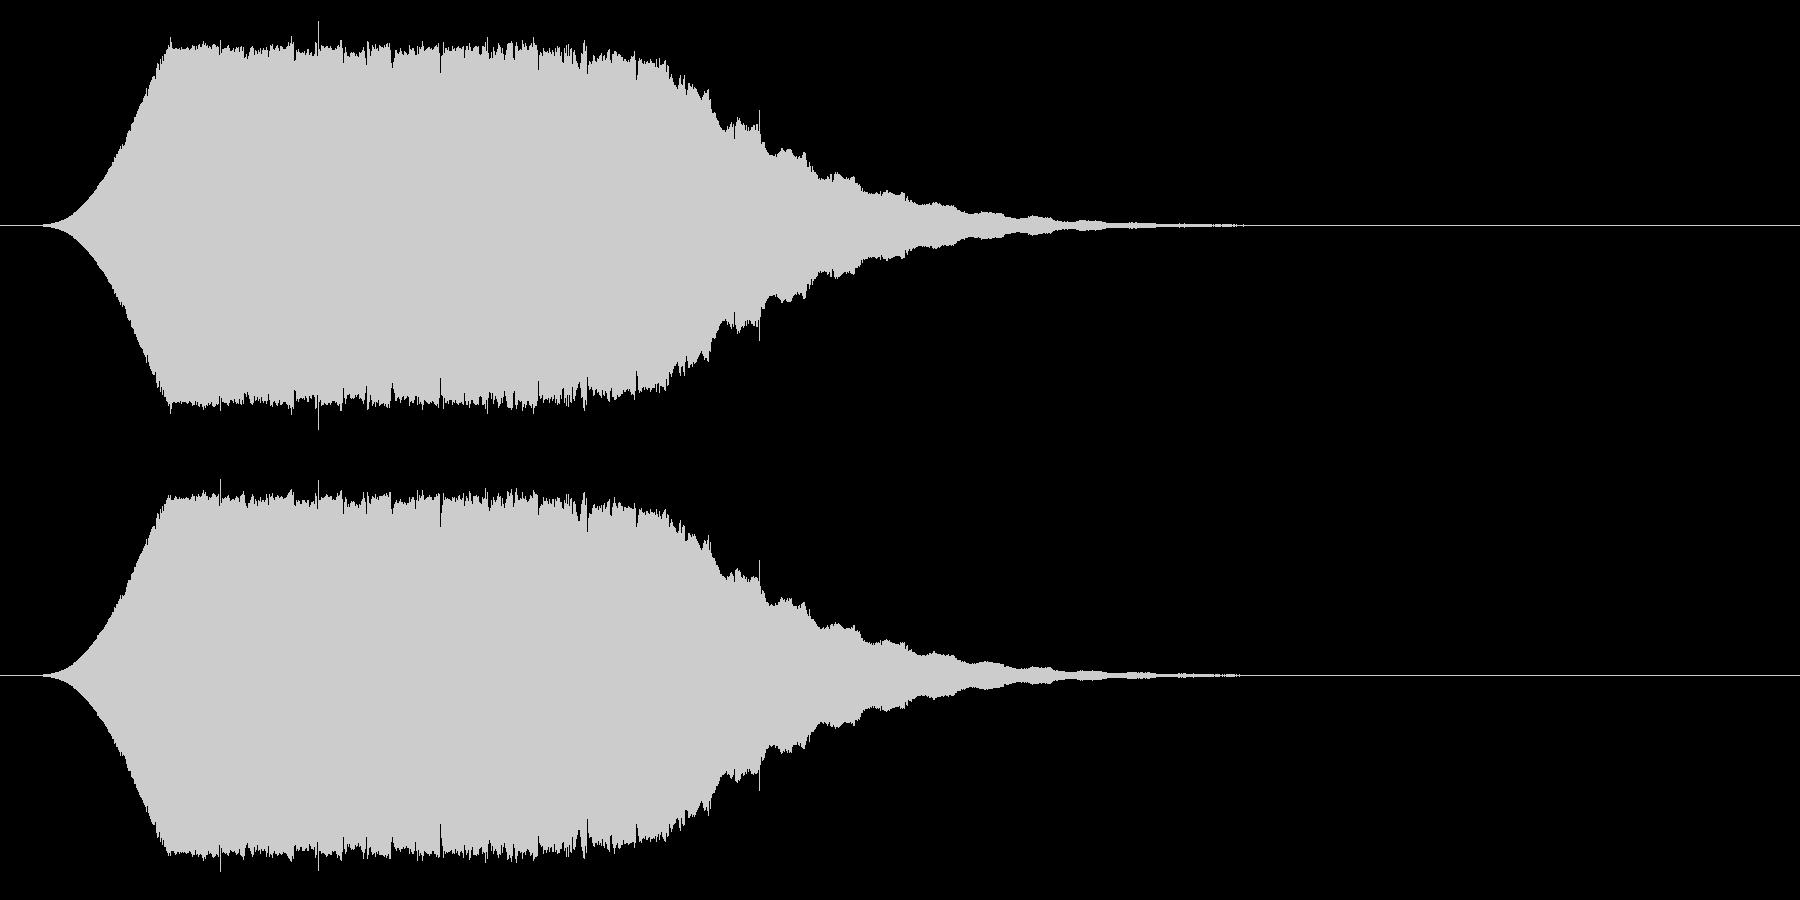 流れ星/キラキラ/場面転換の未再生の波形